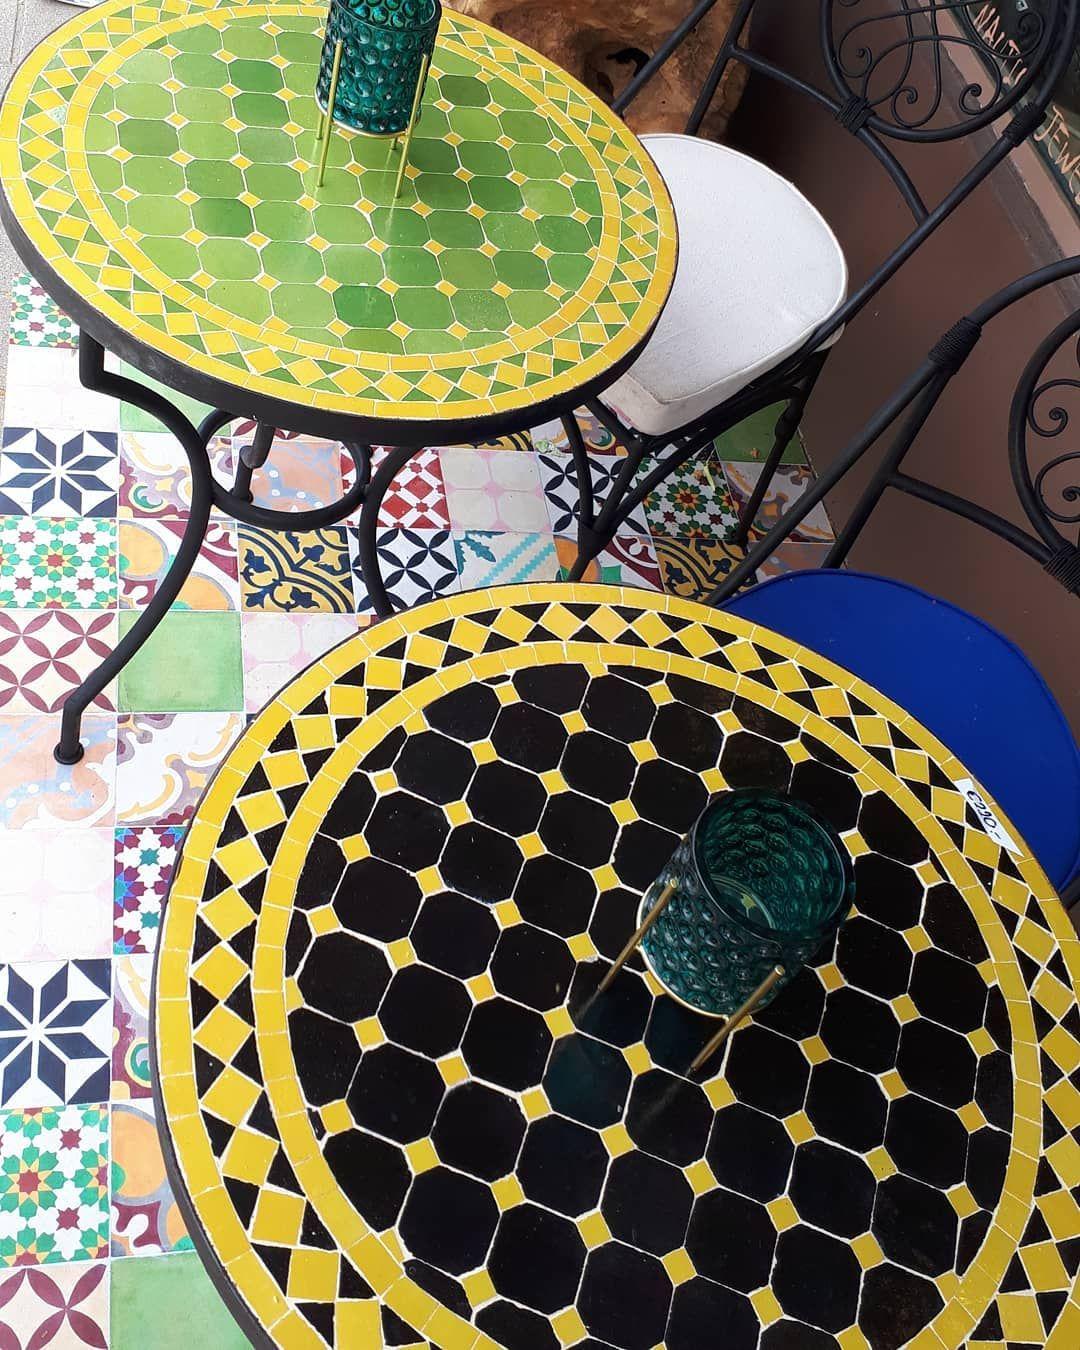 Atelierdessuedens Mosaiktische Gartentisch Tisch